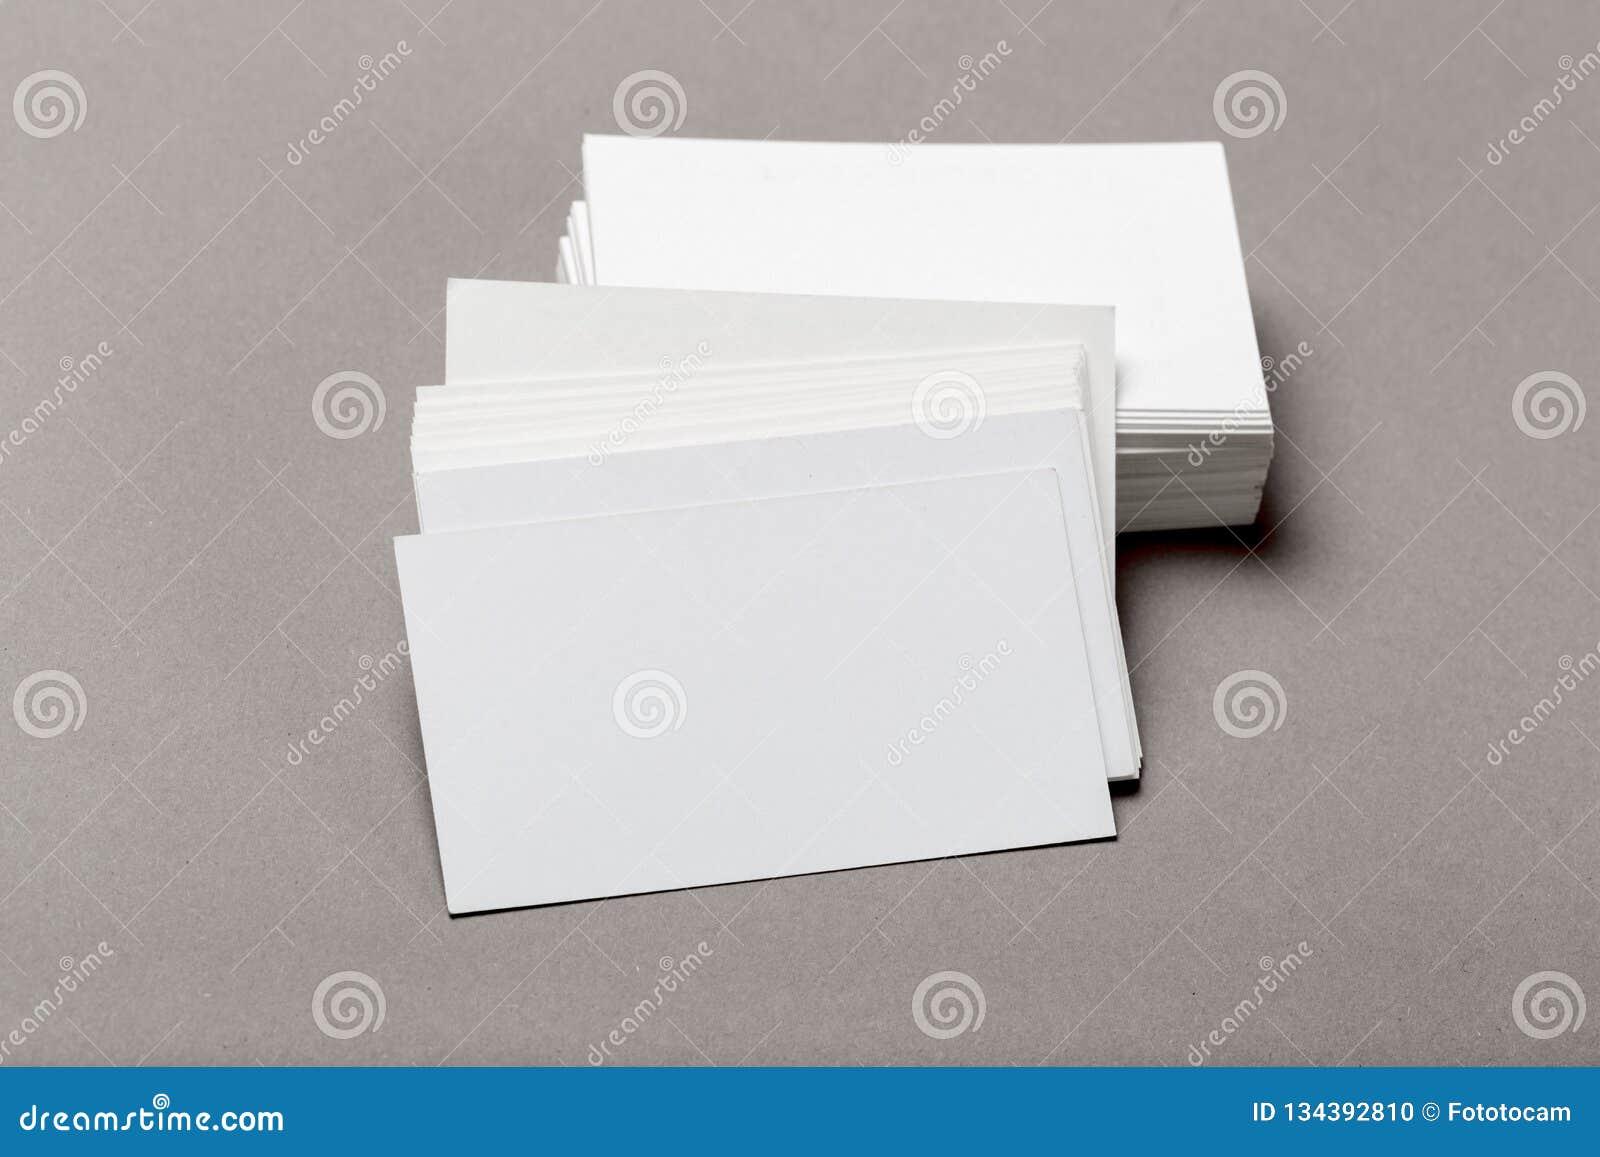 Фото стога визитных карточек Шаблон для затаврить тождественности